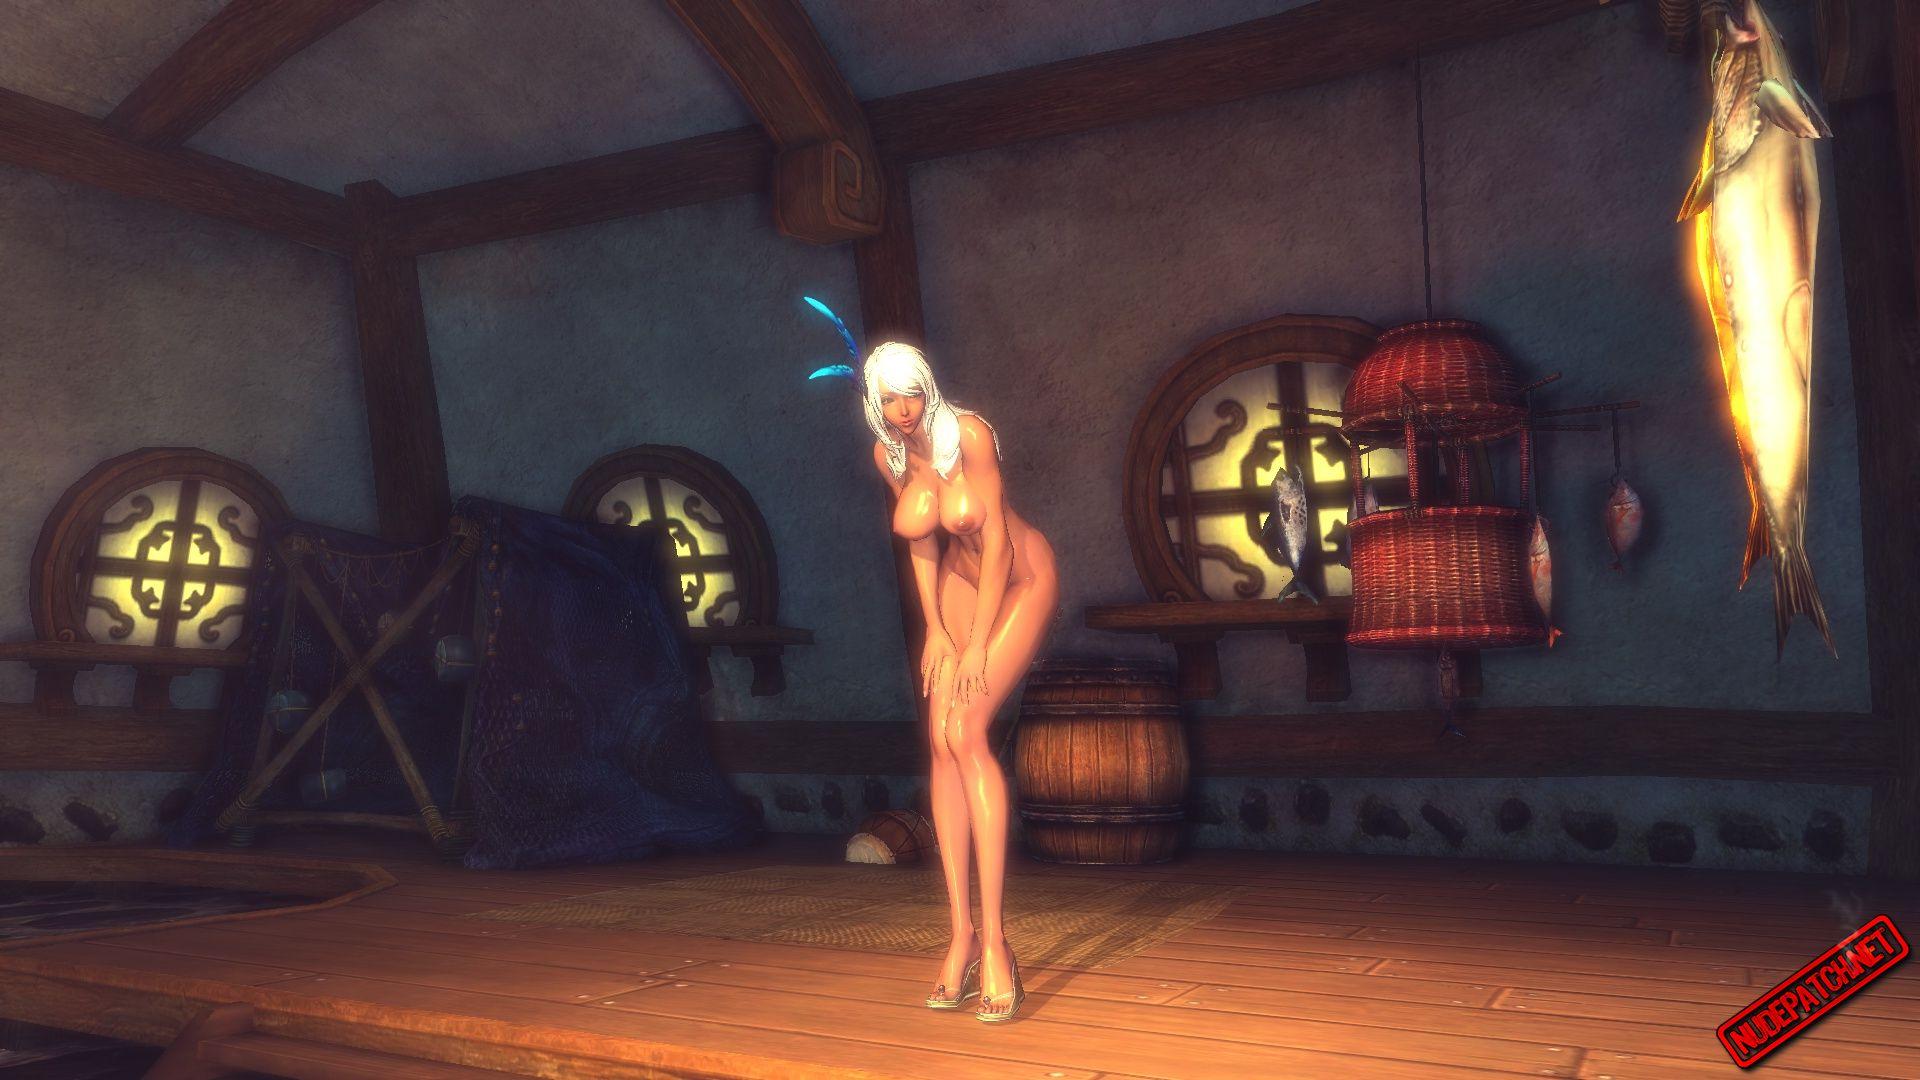 Borderlands Nude Mod Delightful blade and soul: nude mod